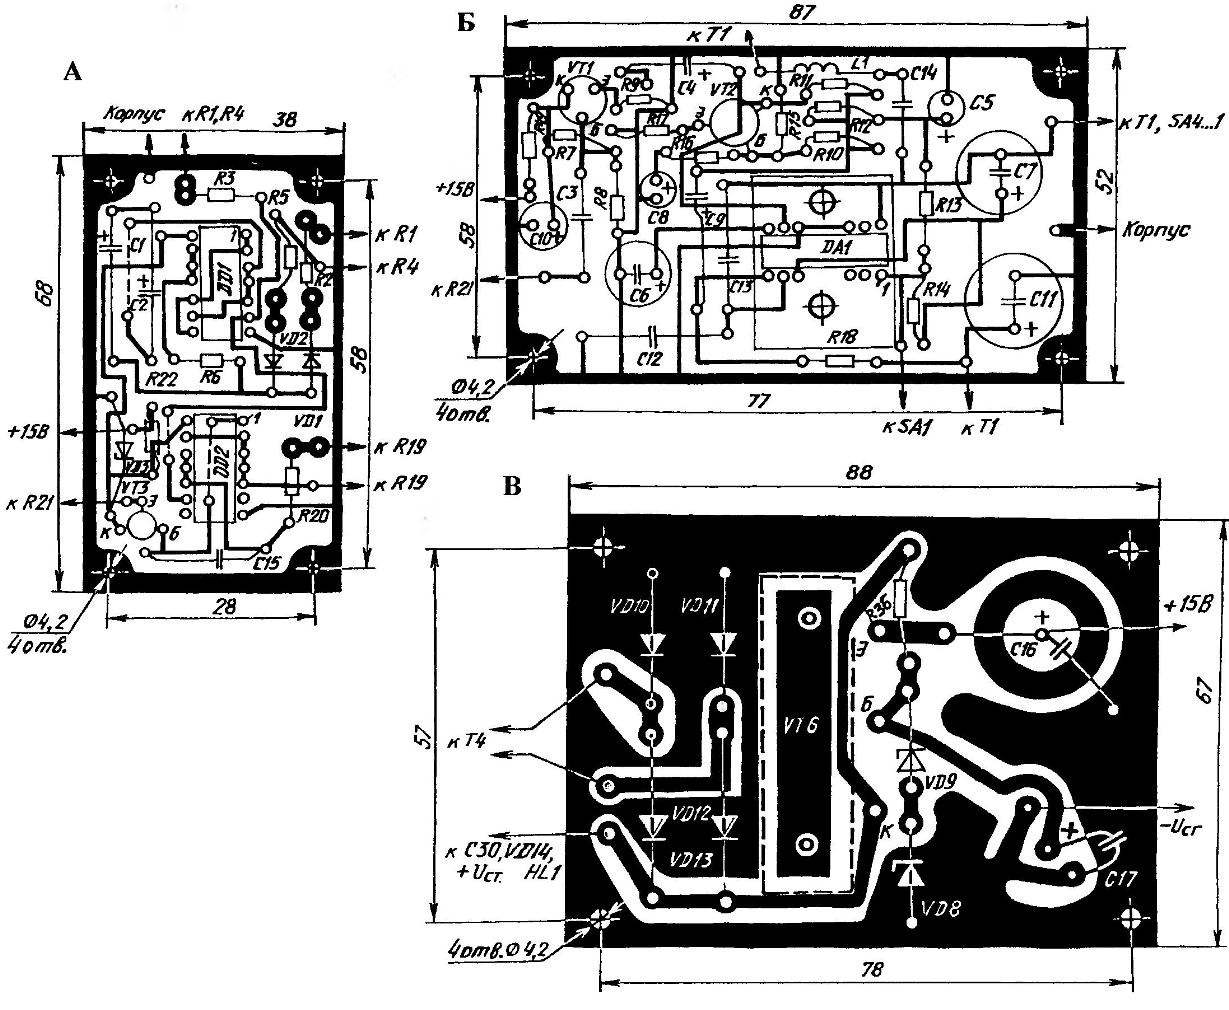 Топология печатных плат тактового и звукочастотного генераторов (А), канала усиления звуковой частоты (Б) и стабилизированного источника электропитания(В)